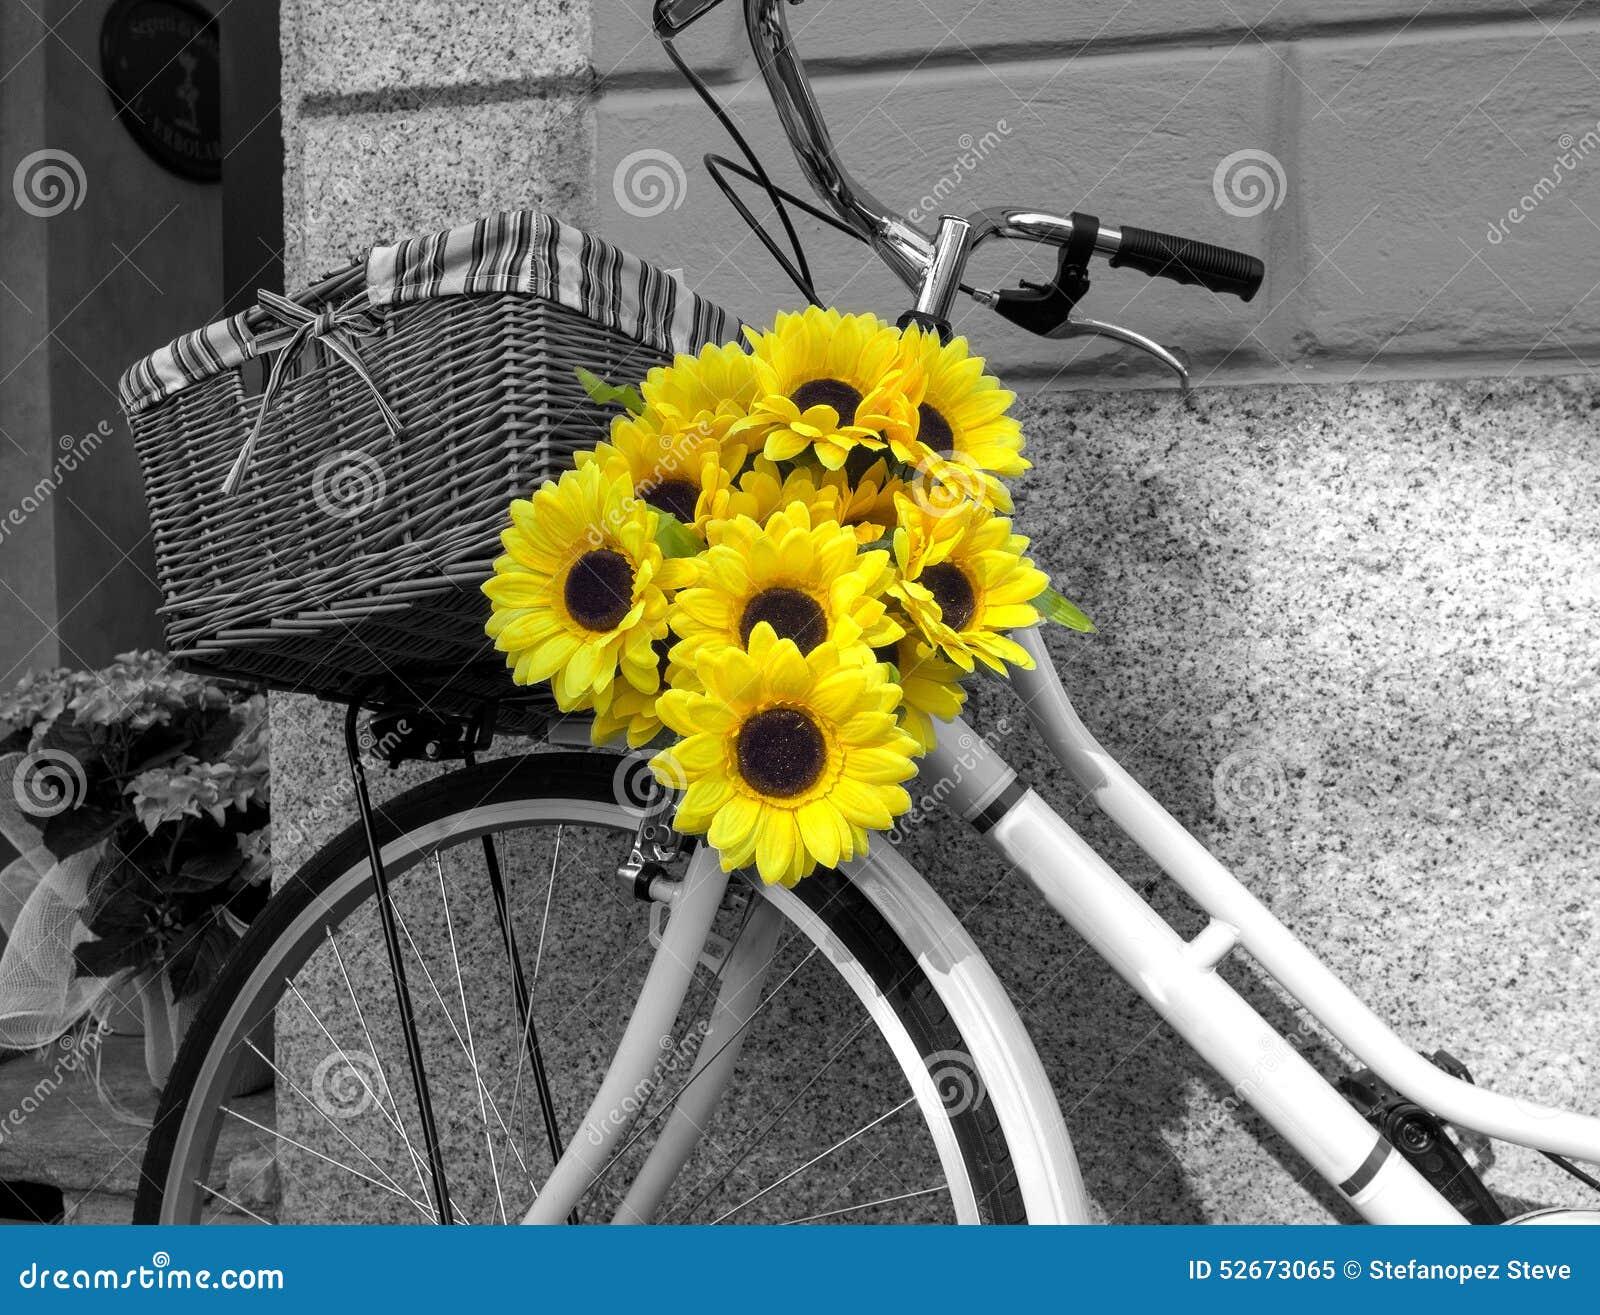 Bicicleta Adornada Con Los Girasoles Foto Blanco Y Negro De Pekín